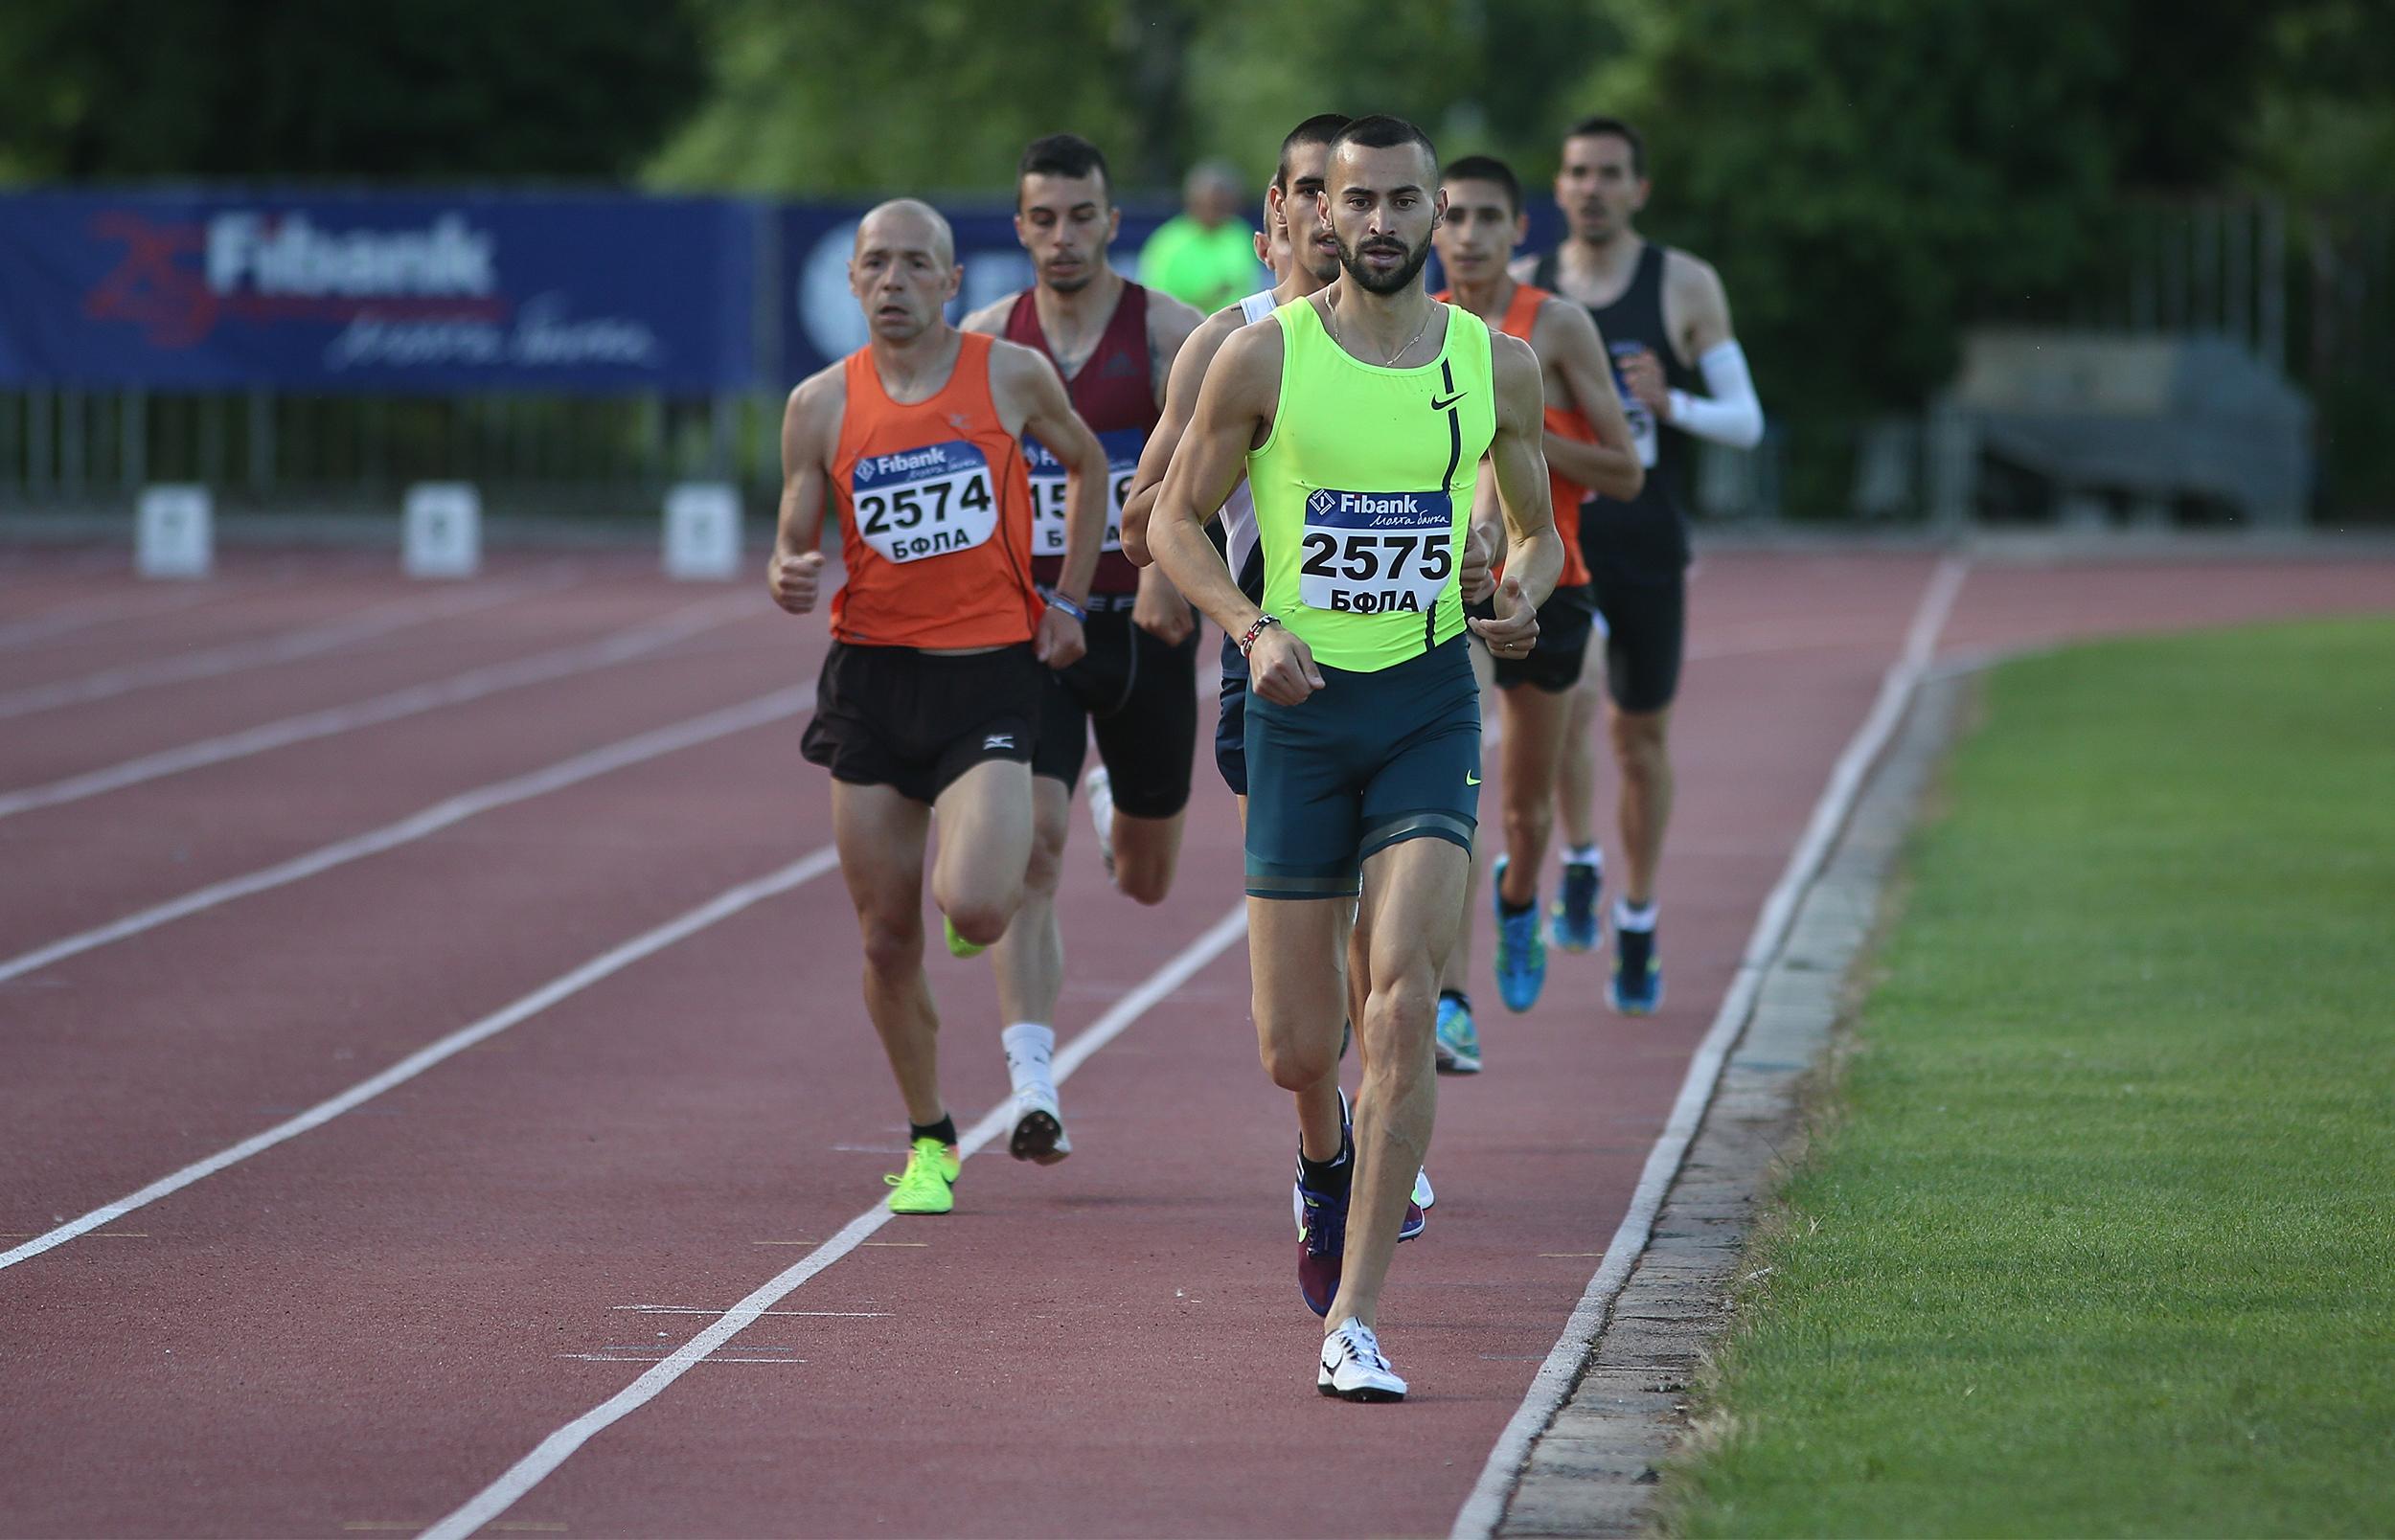 Митко Ценов записа победа и подобри рекорда на 5000 метра